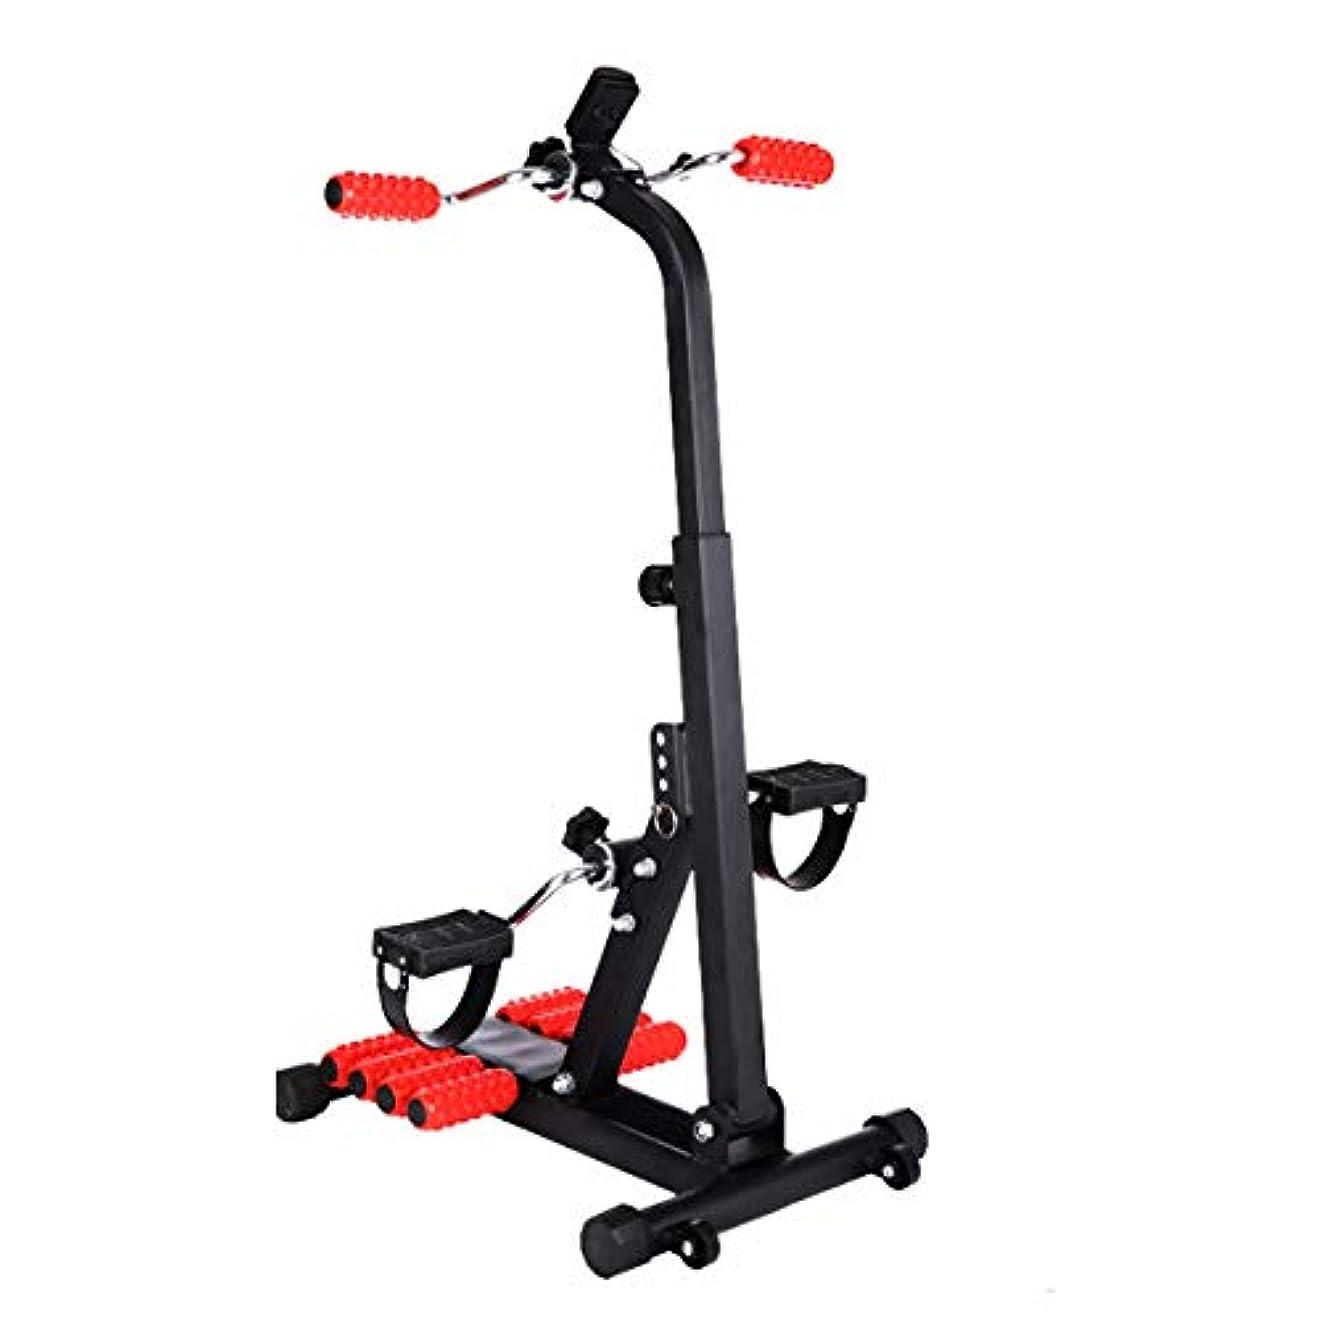 カートリッジ風邪をひく邪悪なメディカル全身エクササイザー、ペダルエクササイザー上肢および下肢のトレーニング機器、筋萎縮リハビリテーション訓練を防ぐ,A